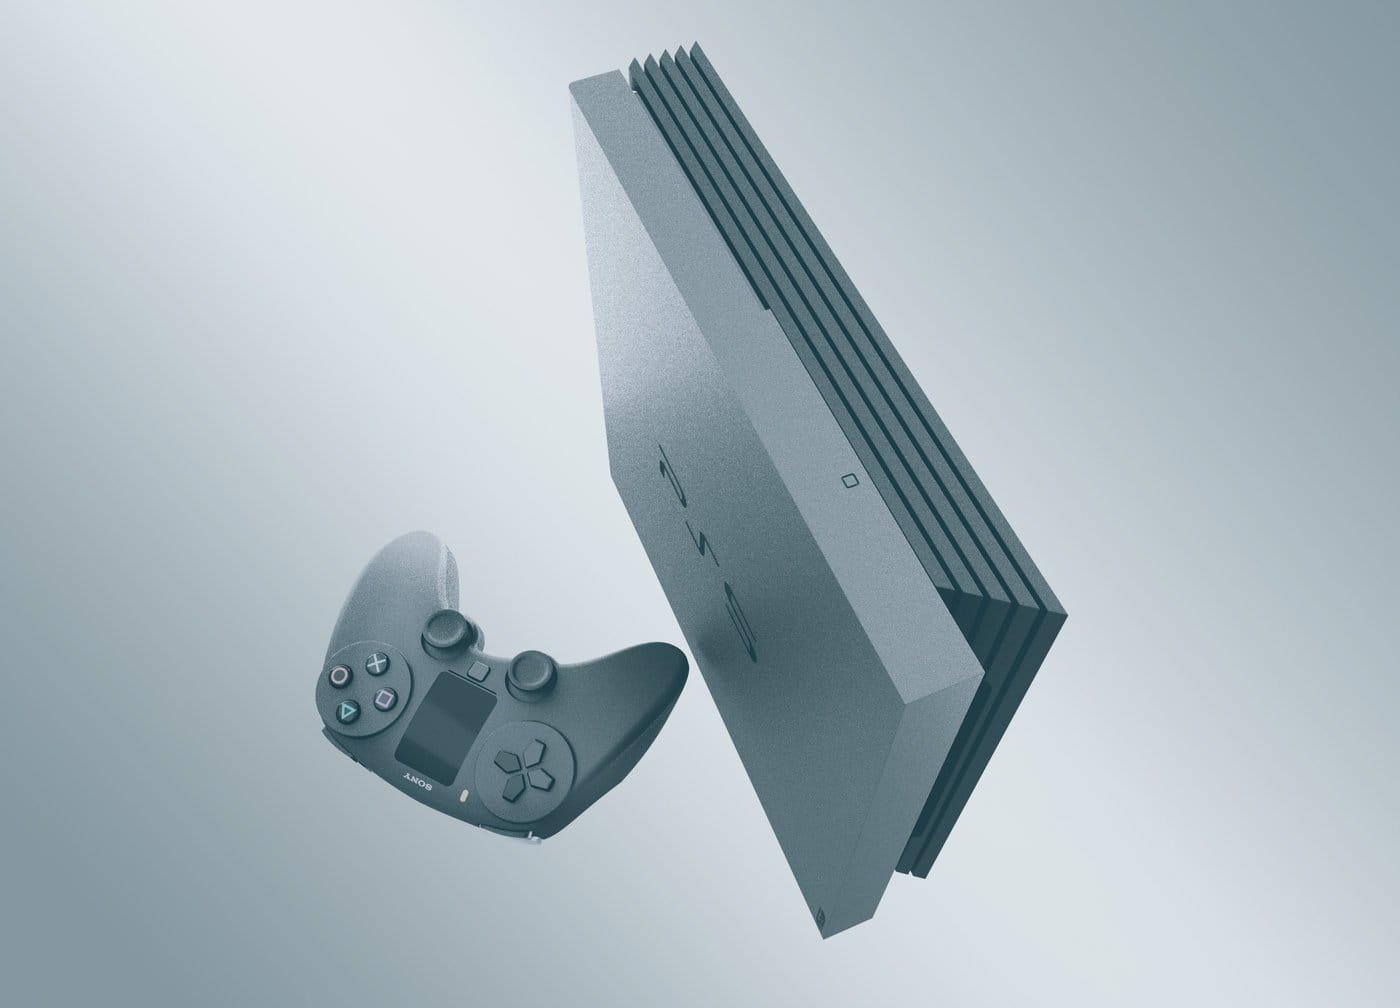 Sony-PlayStation-5-2.jpg